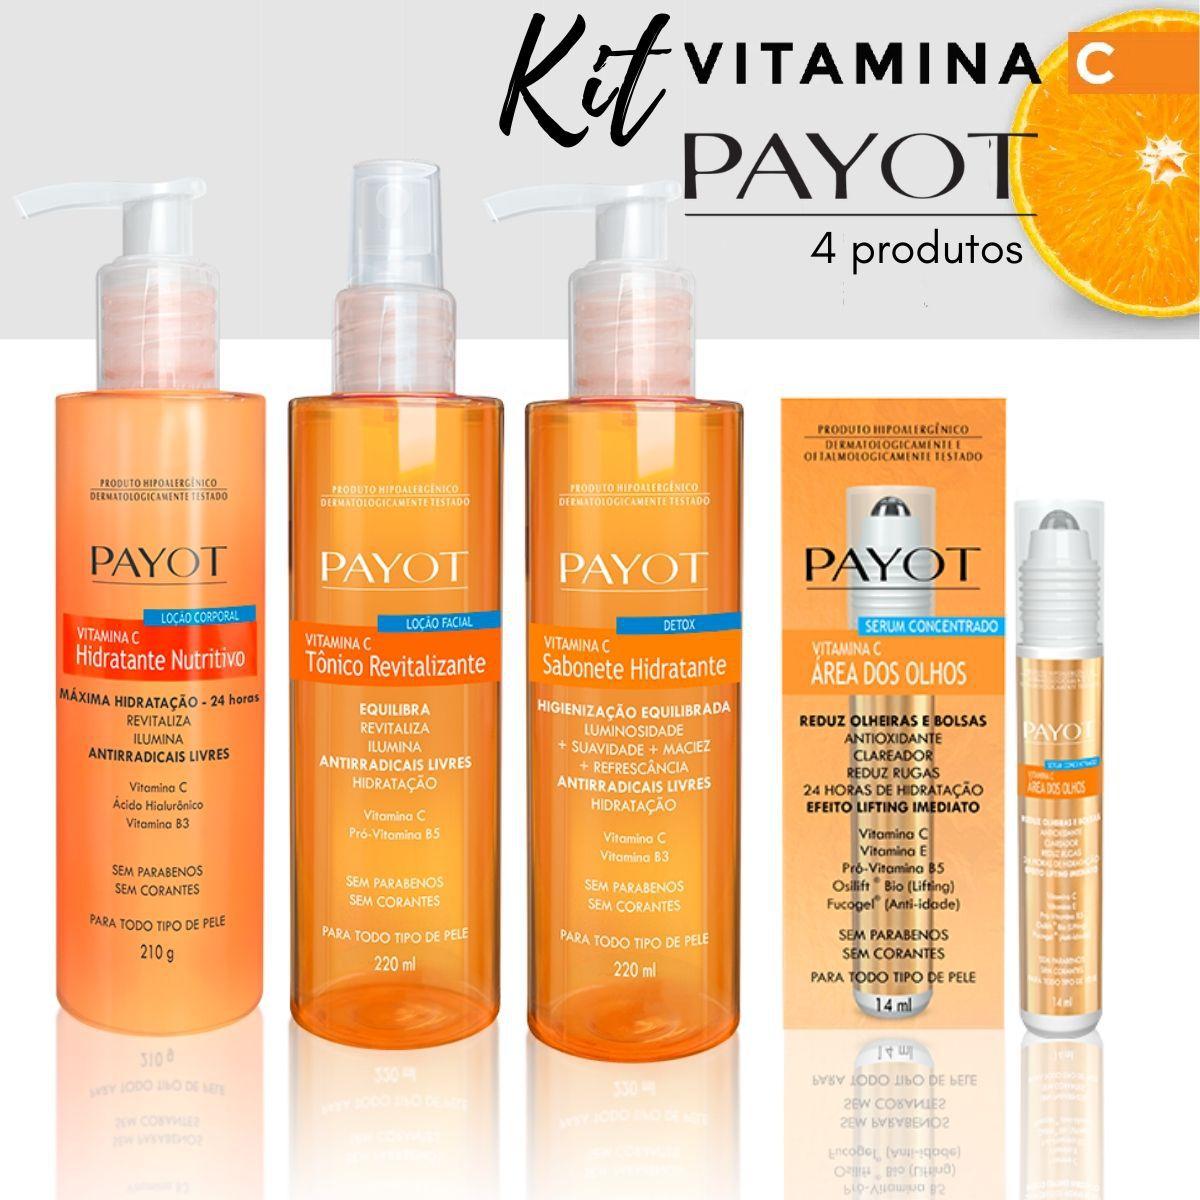 Kit Cuidados Vitamina C - Payot